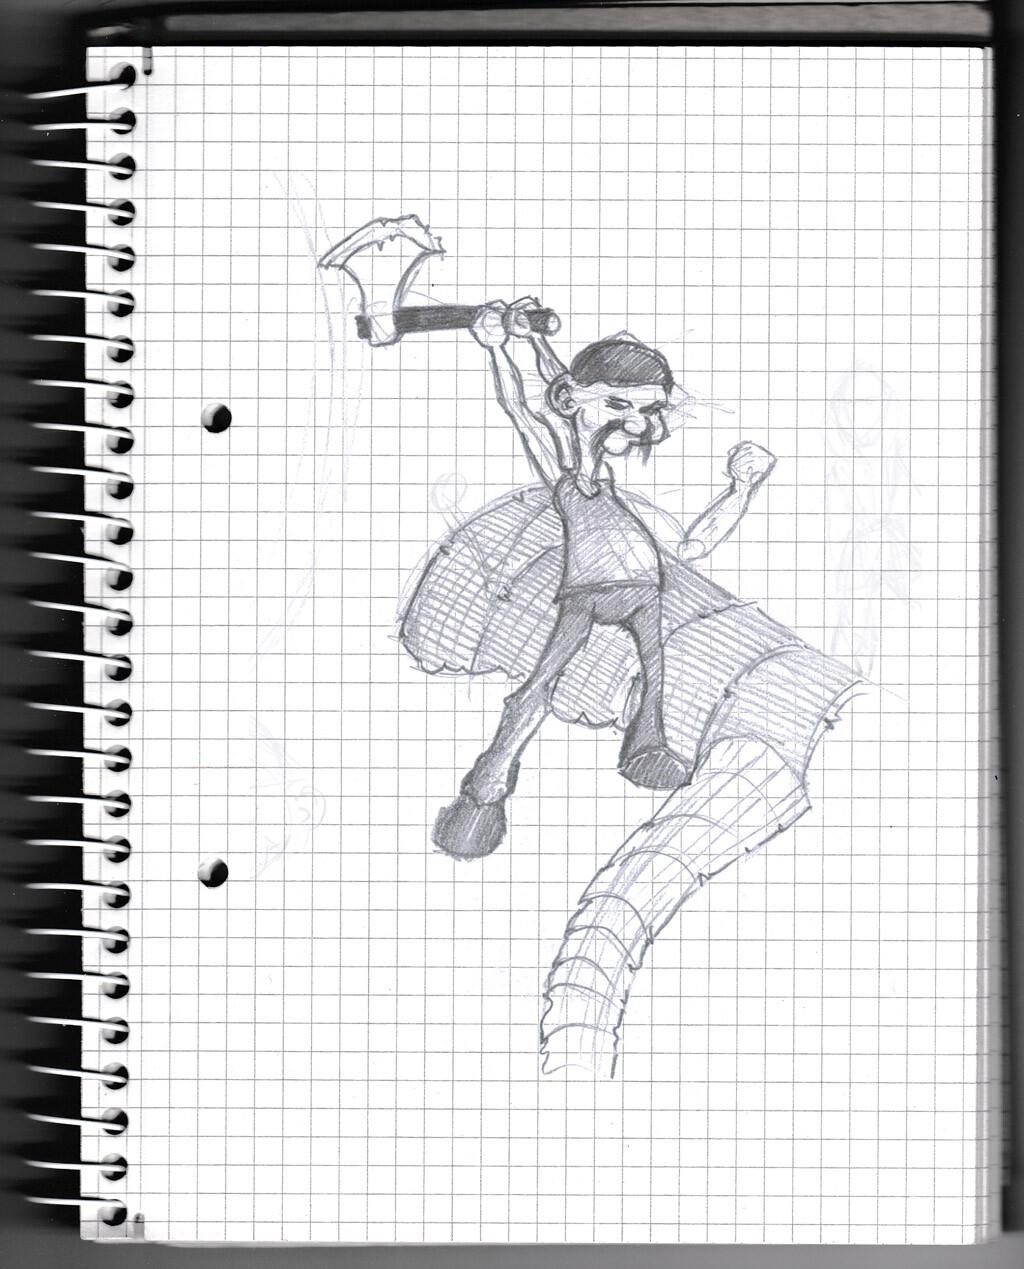 character, sketch, pencil, man, lumberman,